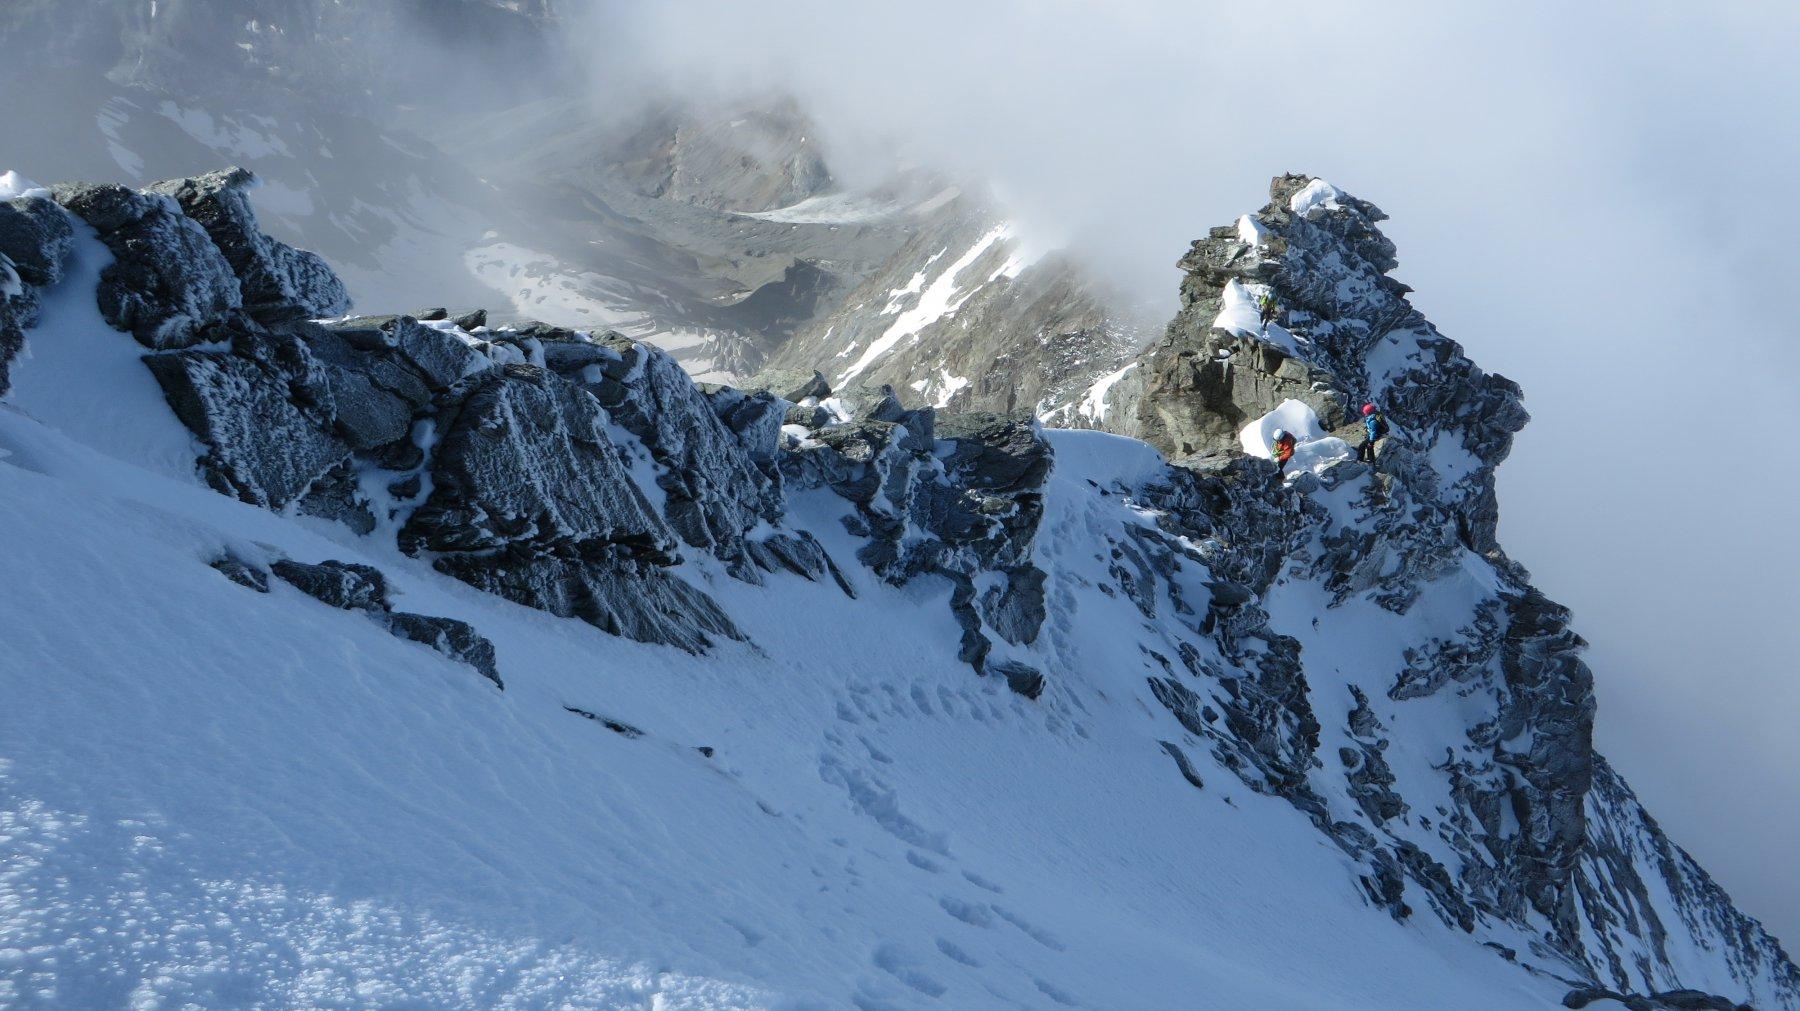 In cresta quasi in uscita verso l'ultimo tratto nevoso